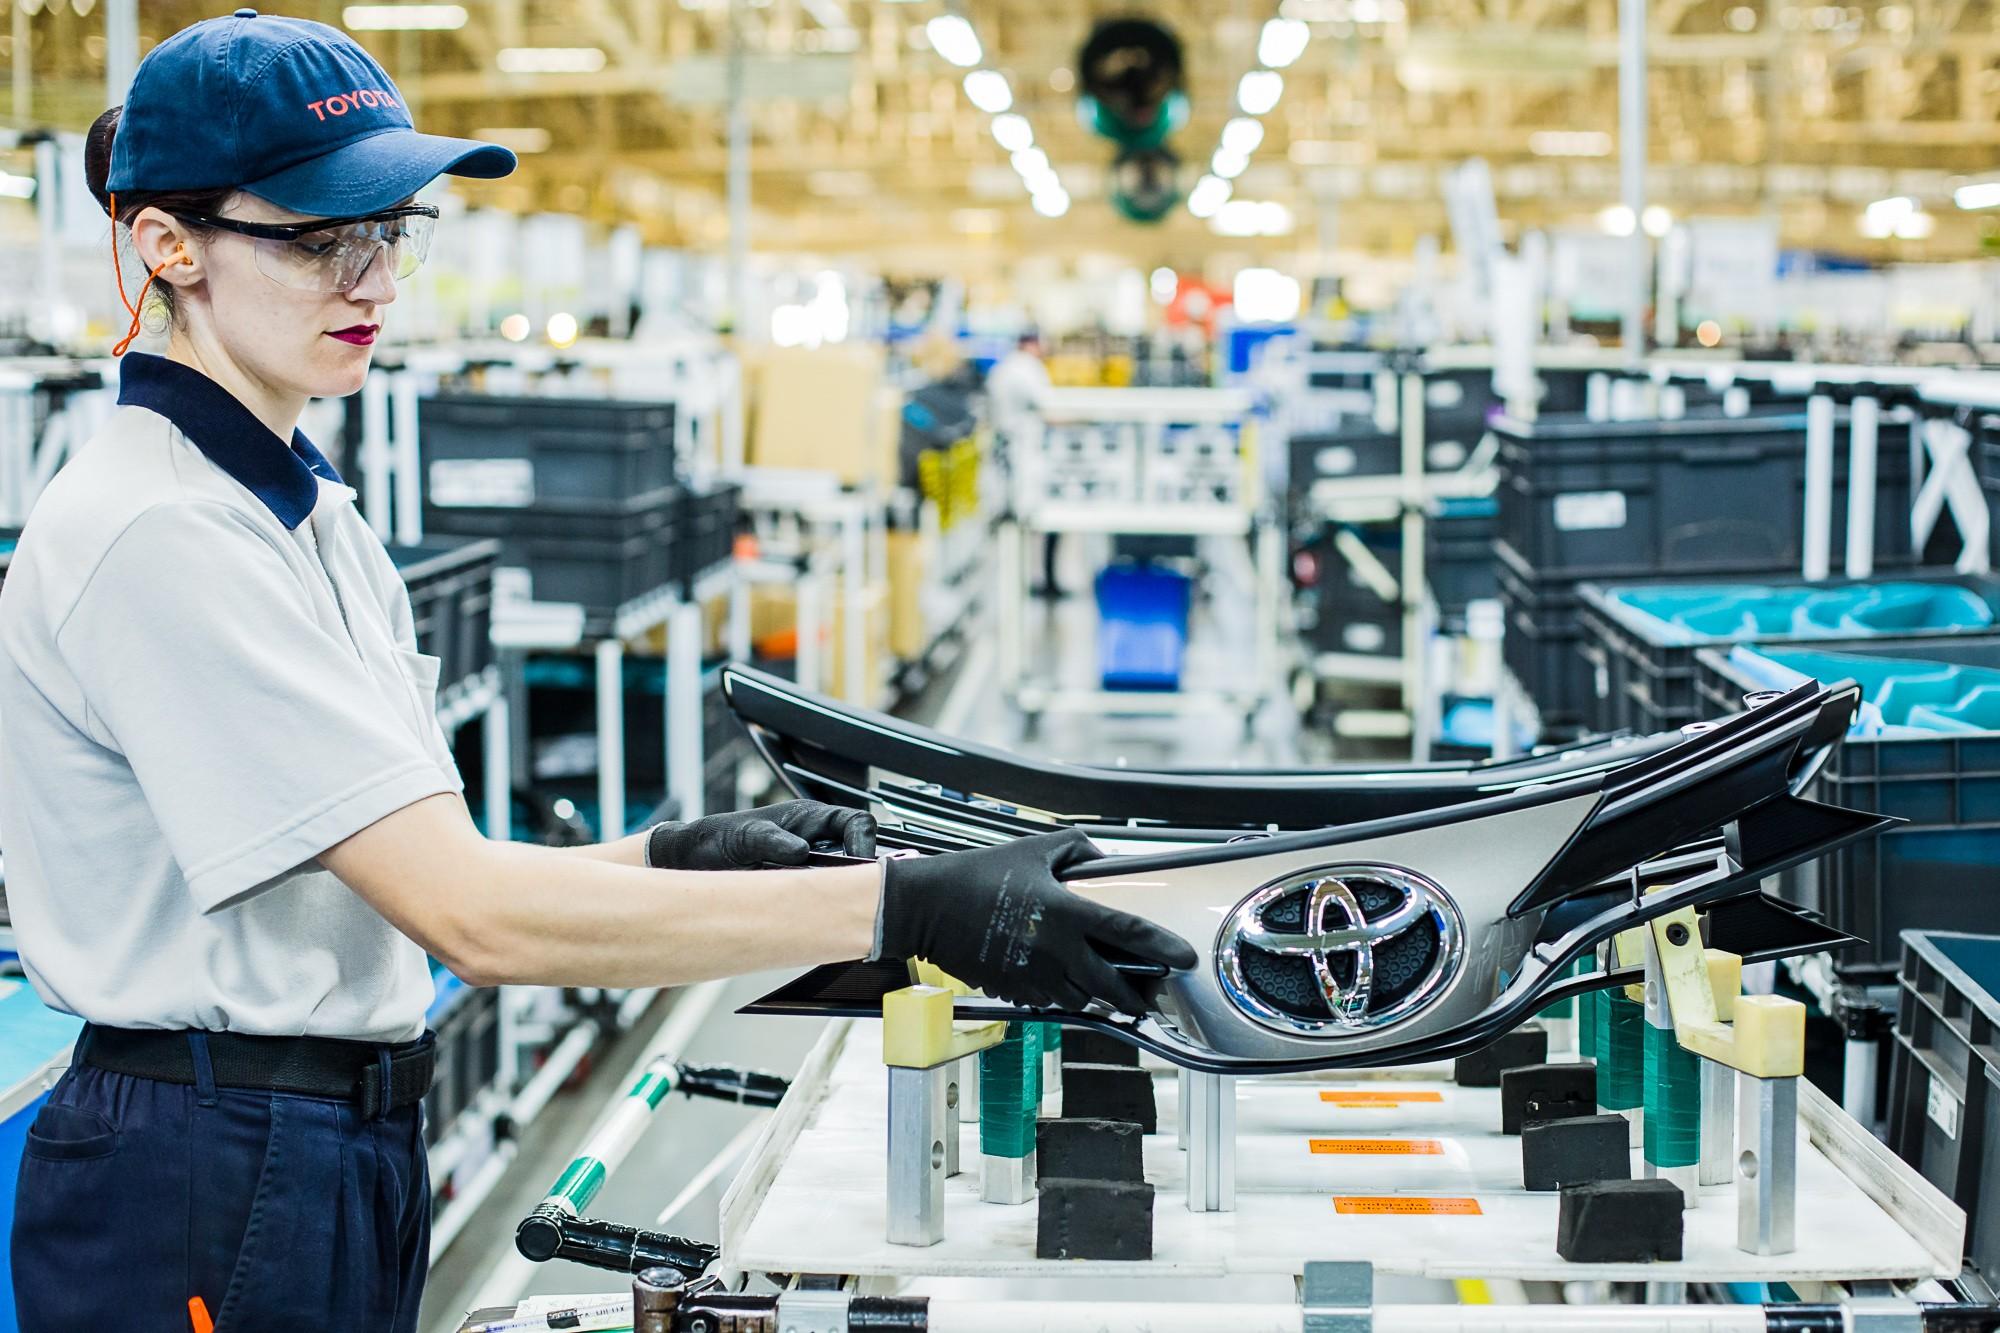 Toyota anuncia investimento de R$ 1 bilhão para produzir novo carro no Brasil - Notícias - Plantão Diário